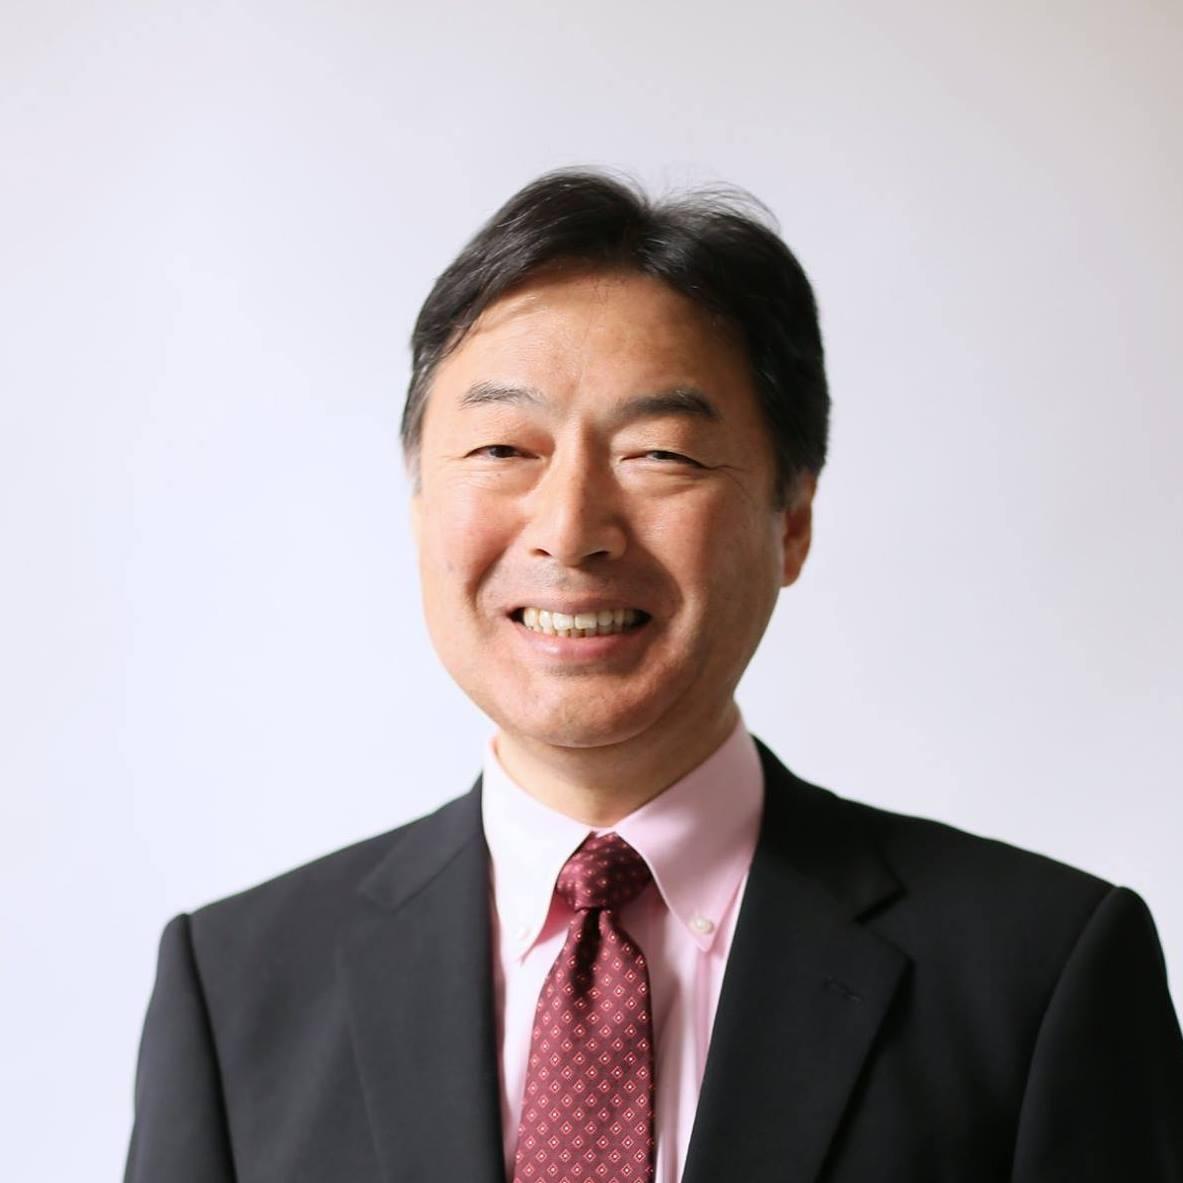 株式会社ビジョナップ 田村様